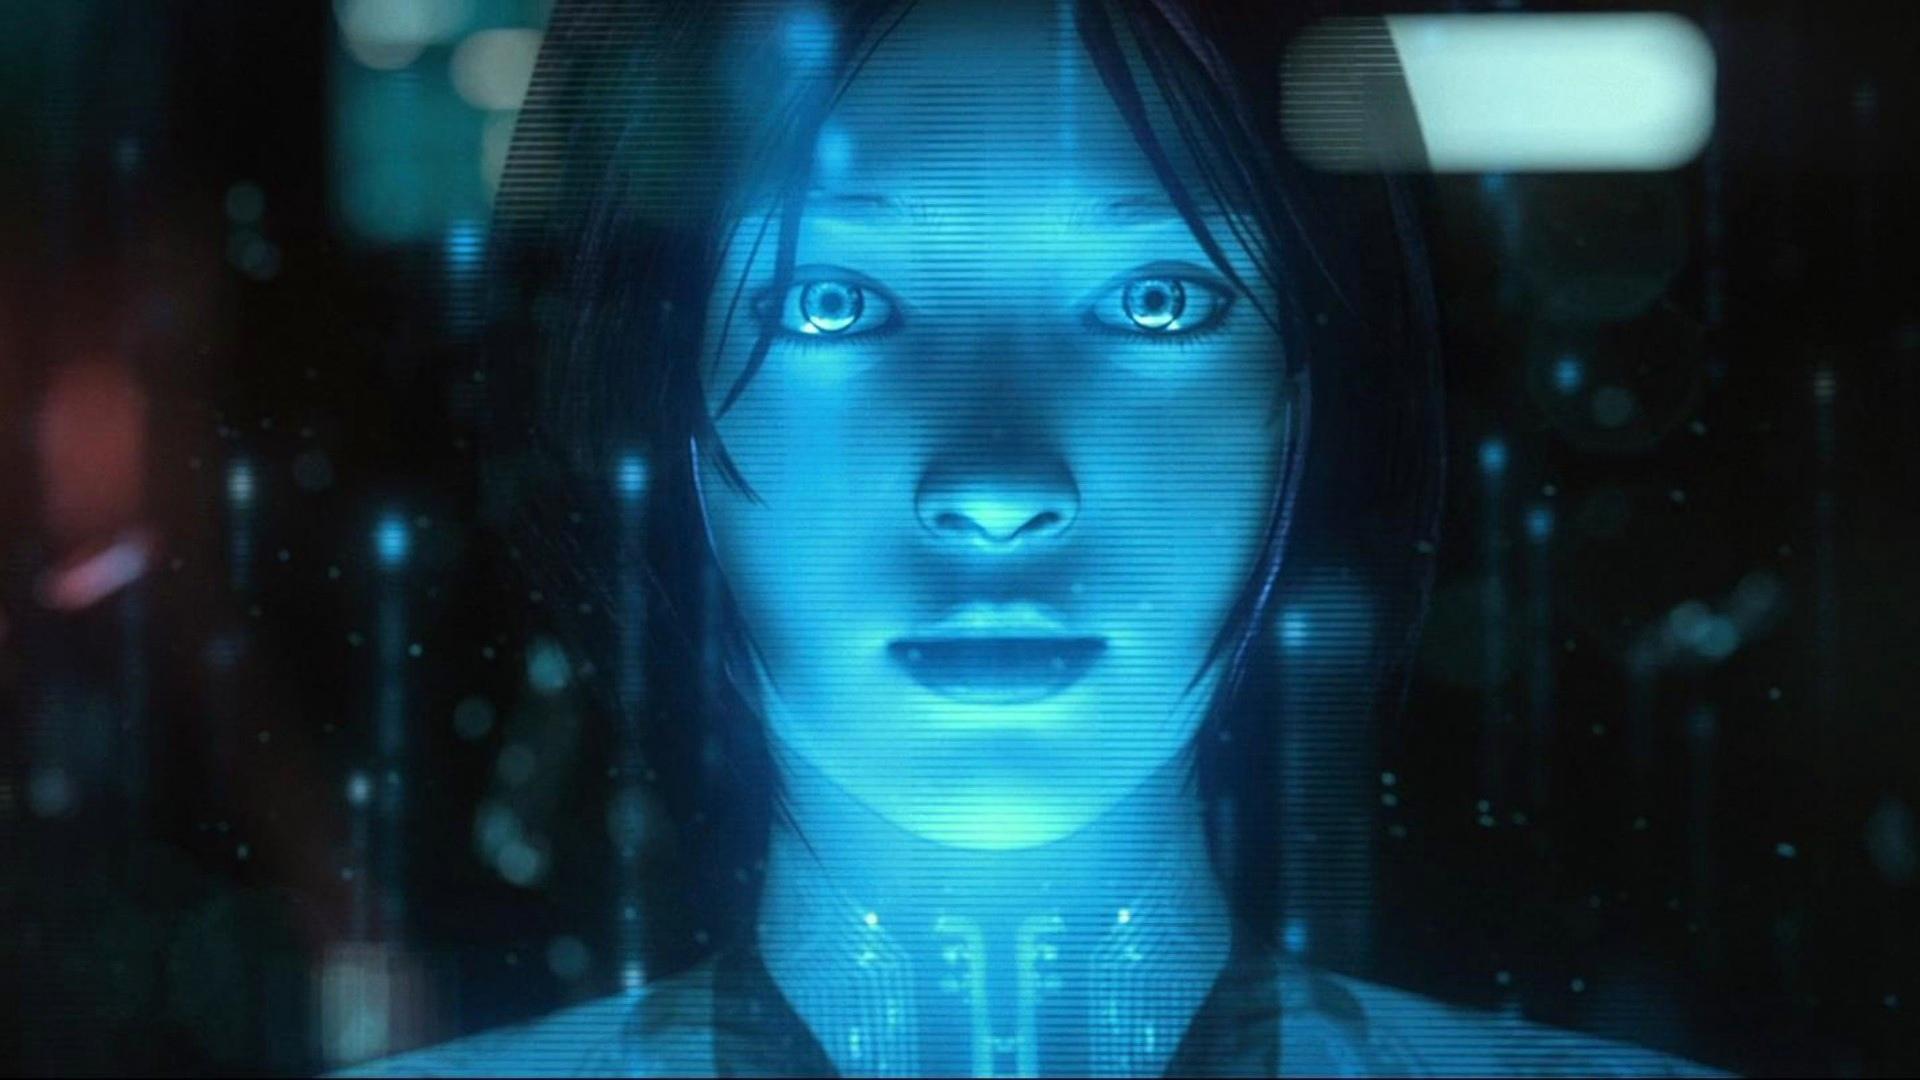 Microsoft Cortana Release Date April 2014